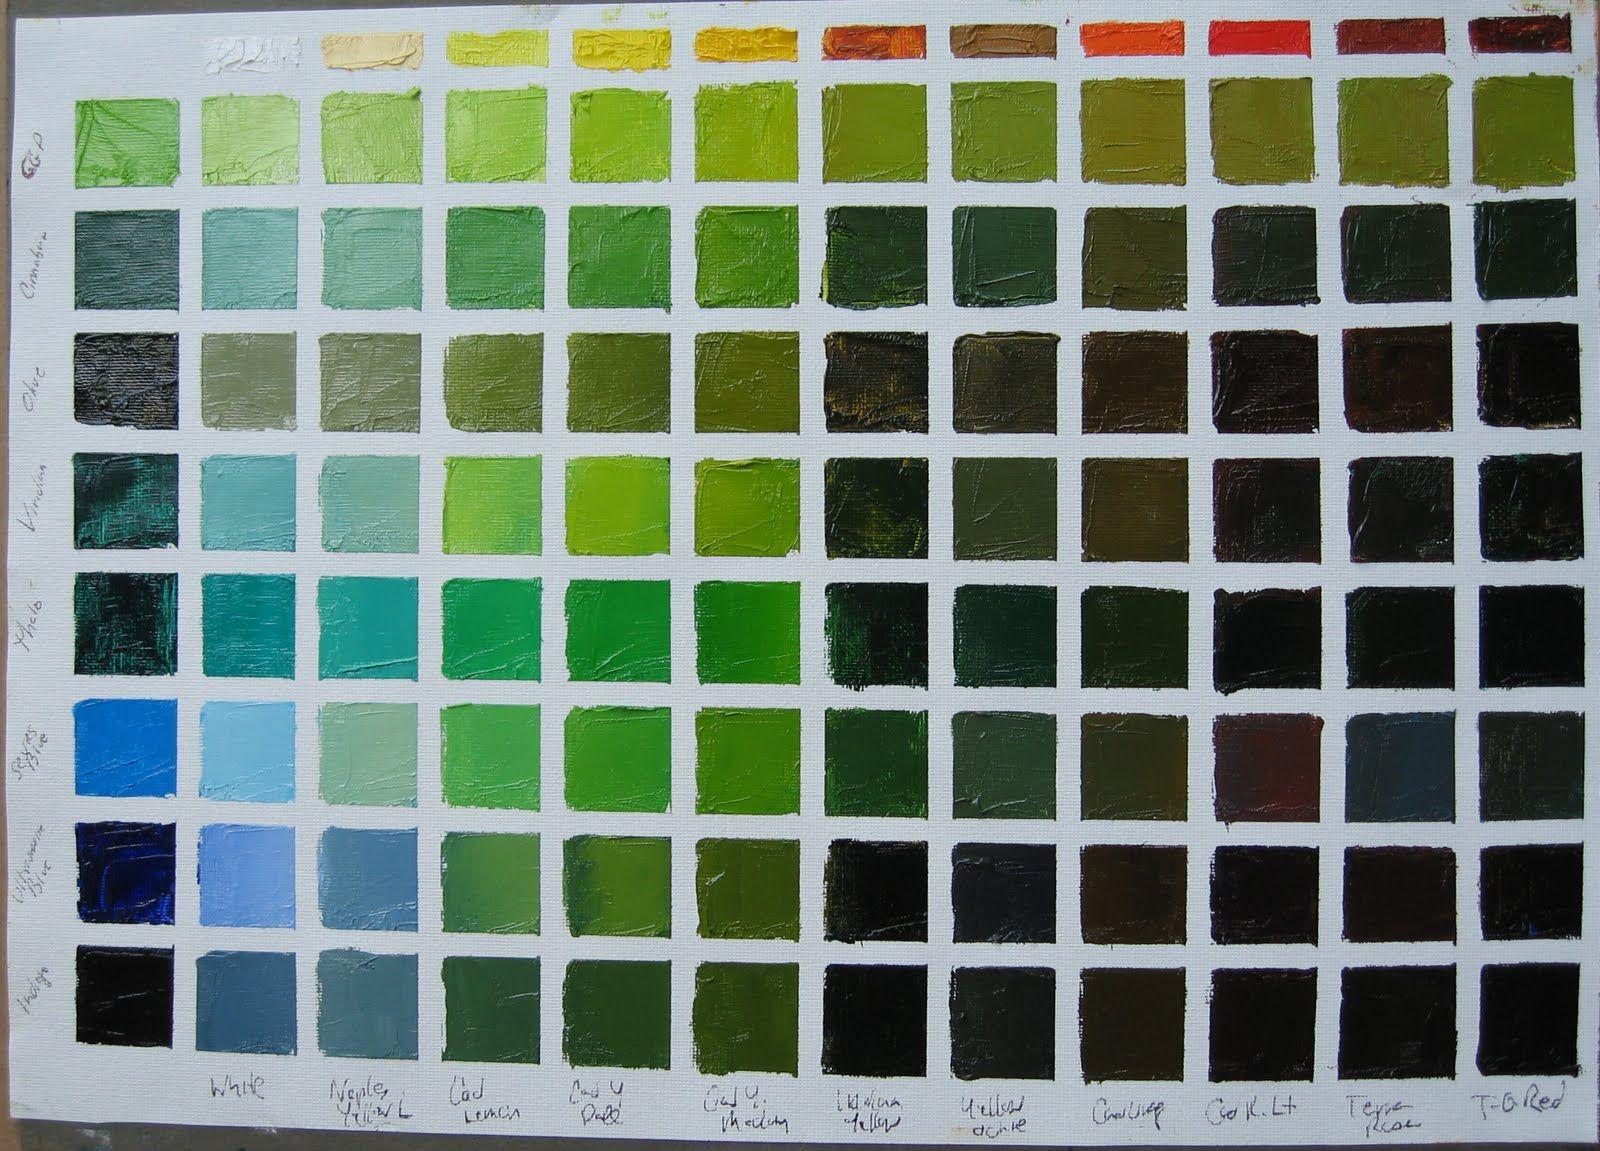 Art Elevates Life Oil Painting Color Charts How To Mix Green Colorful Oil Painting Oil Painting Techniques Paint Color Chart